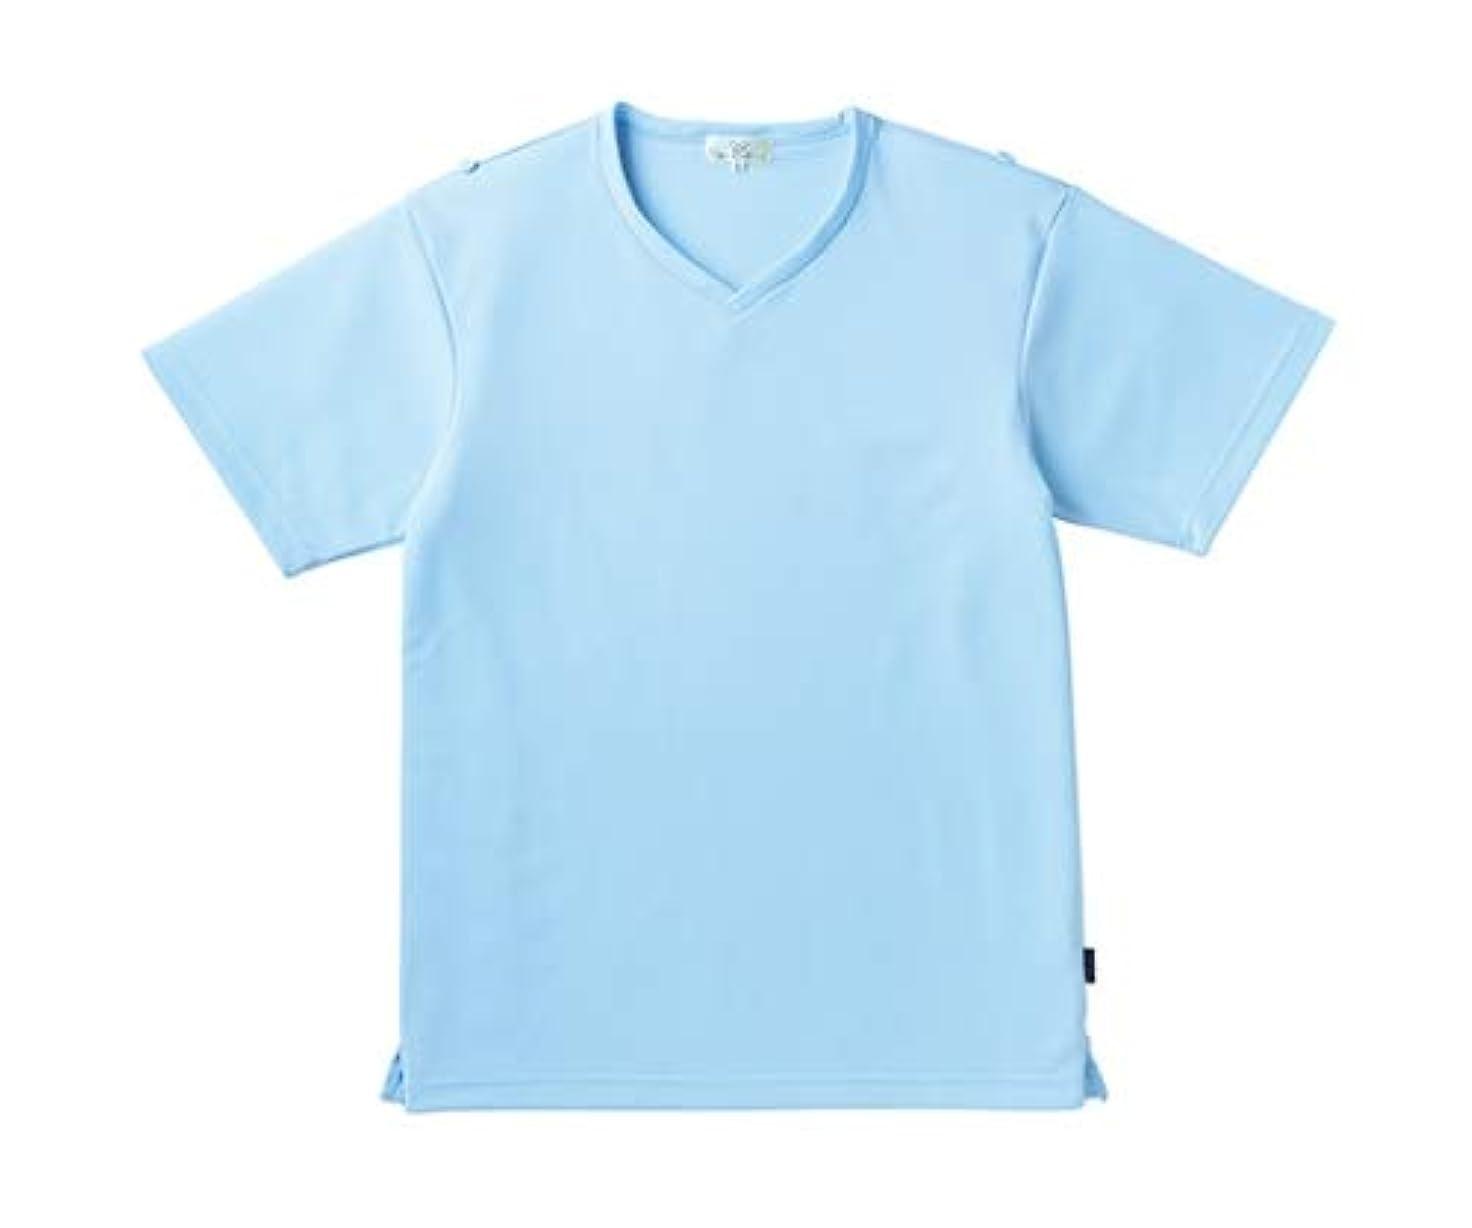 ばかげた気づく突然トンボ/KIRAKU 入浴介助用シャツ CR160 3L サックス